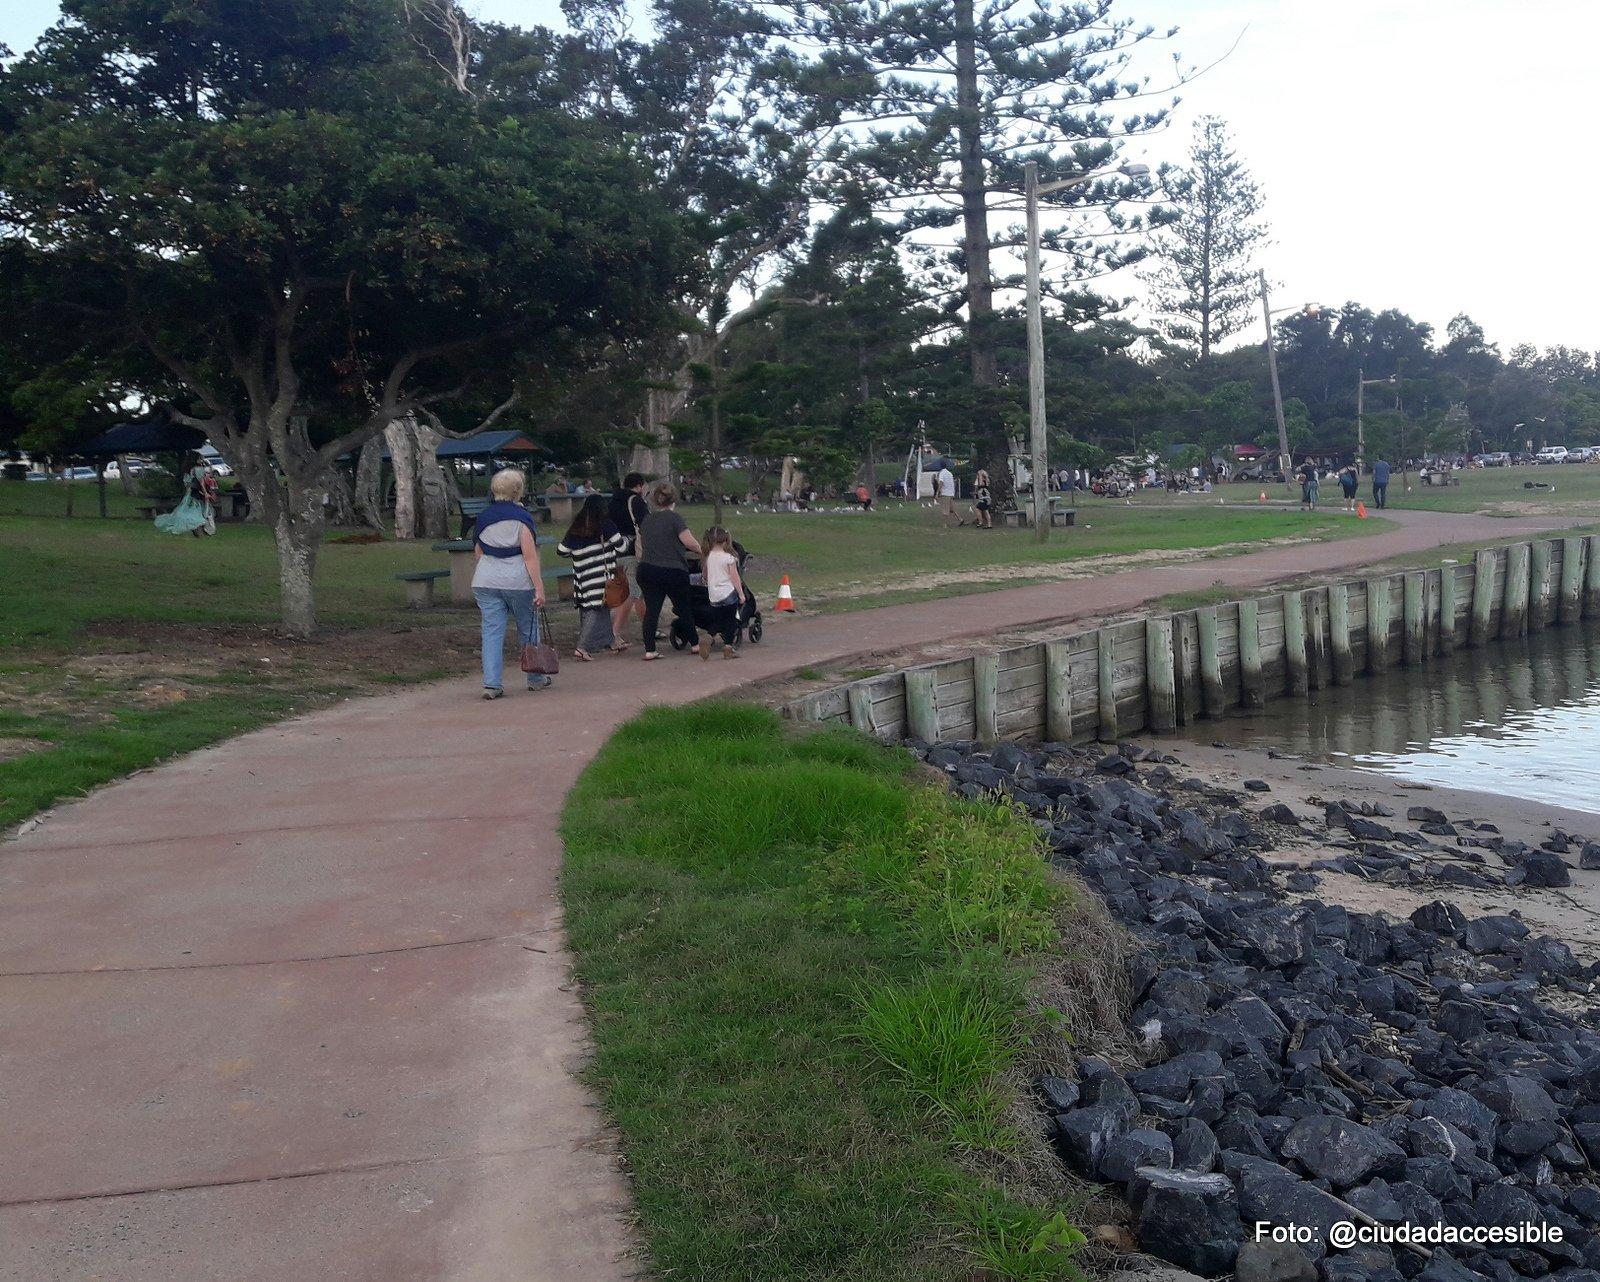 personas paseando por un sendeto en Parque Coffs Harbor